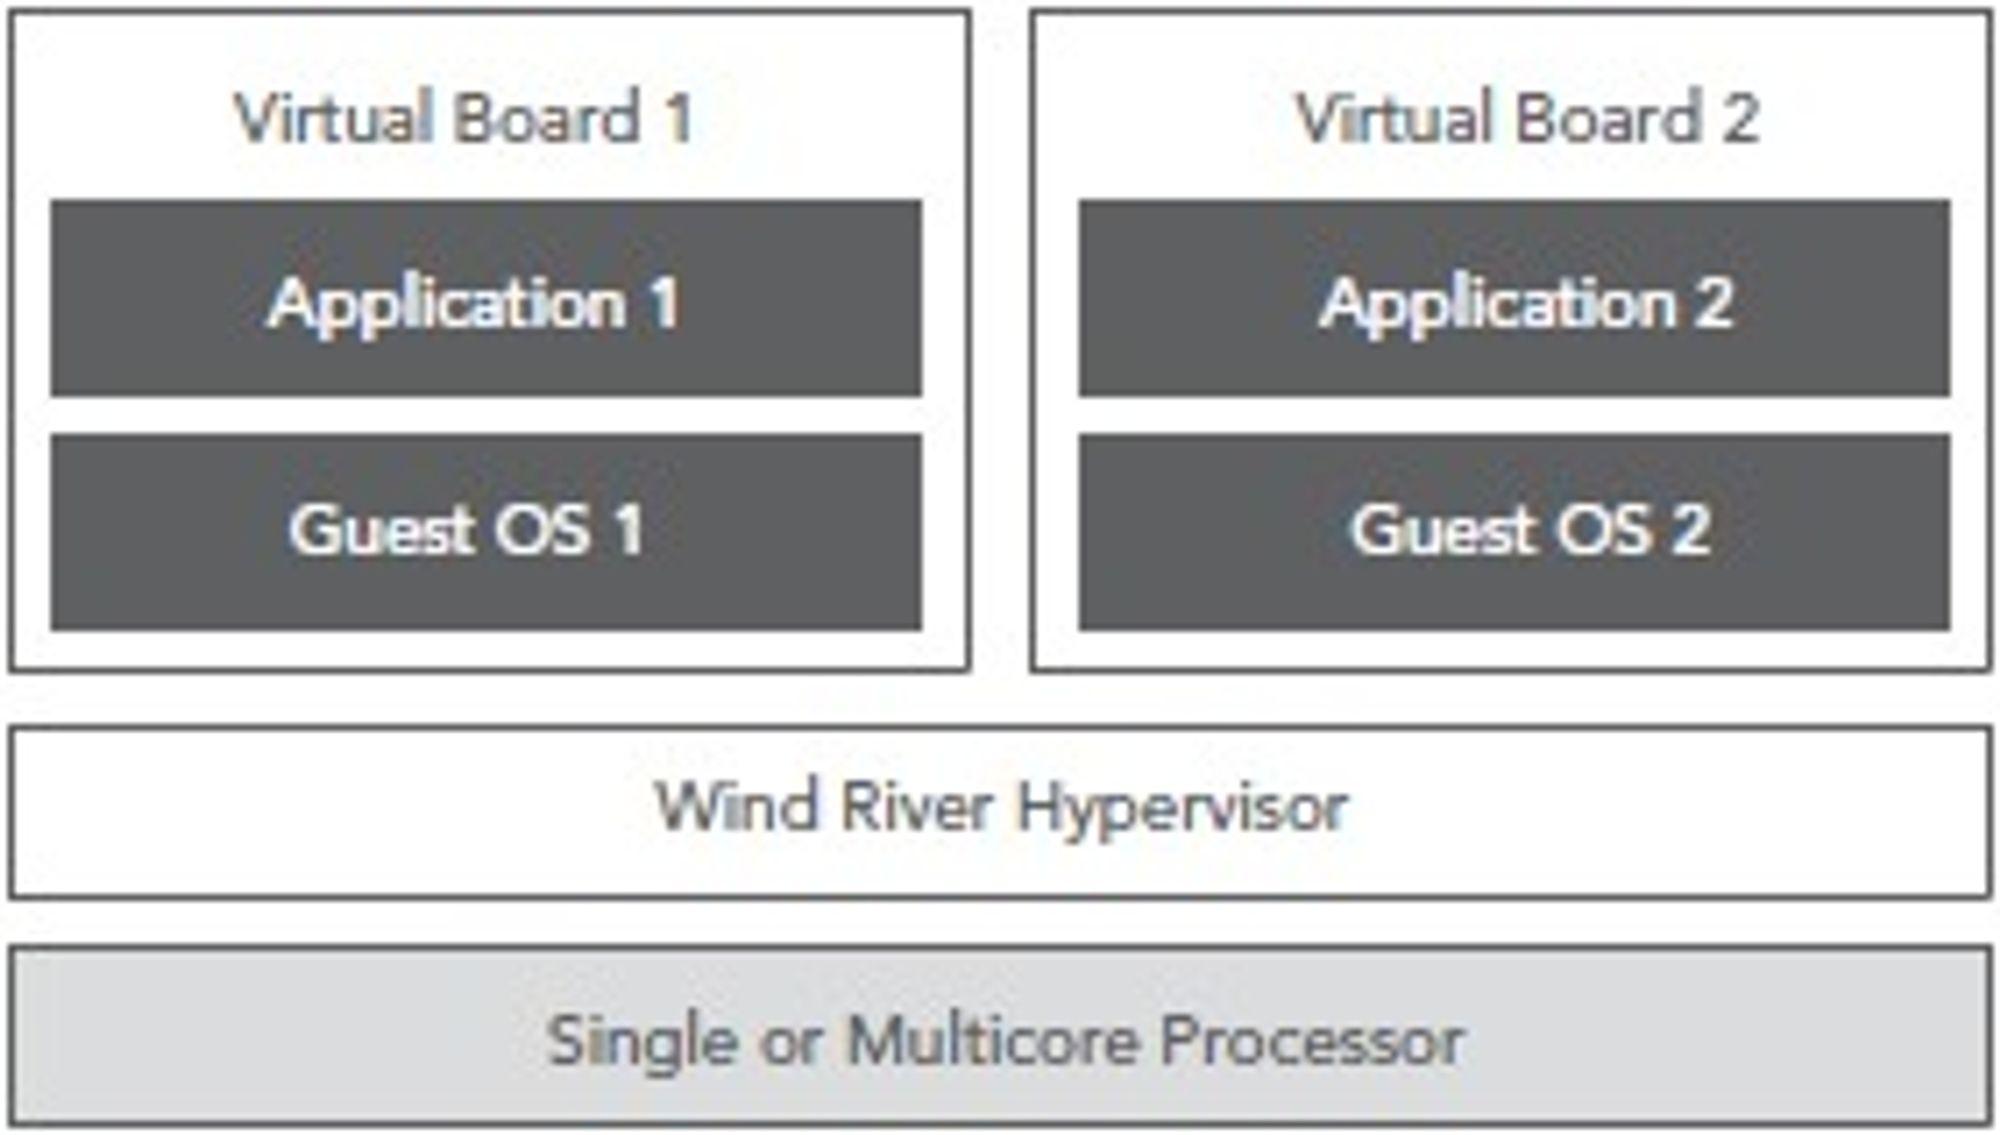 Wind River Hypervisor skal gjøre det mulig å lage virtuelle kretskort beregnet på elektronikk i biler, forbrukervarer og annet utstyr.